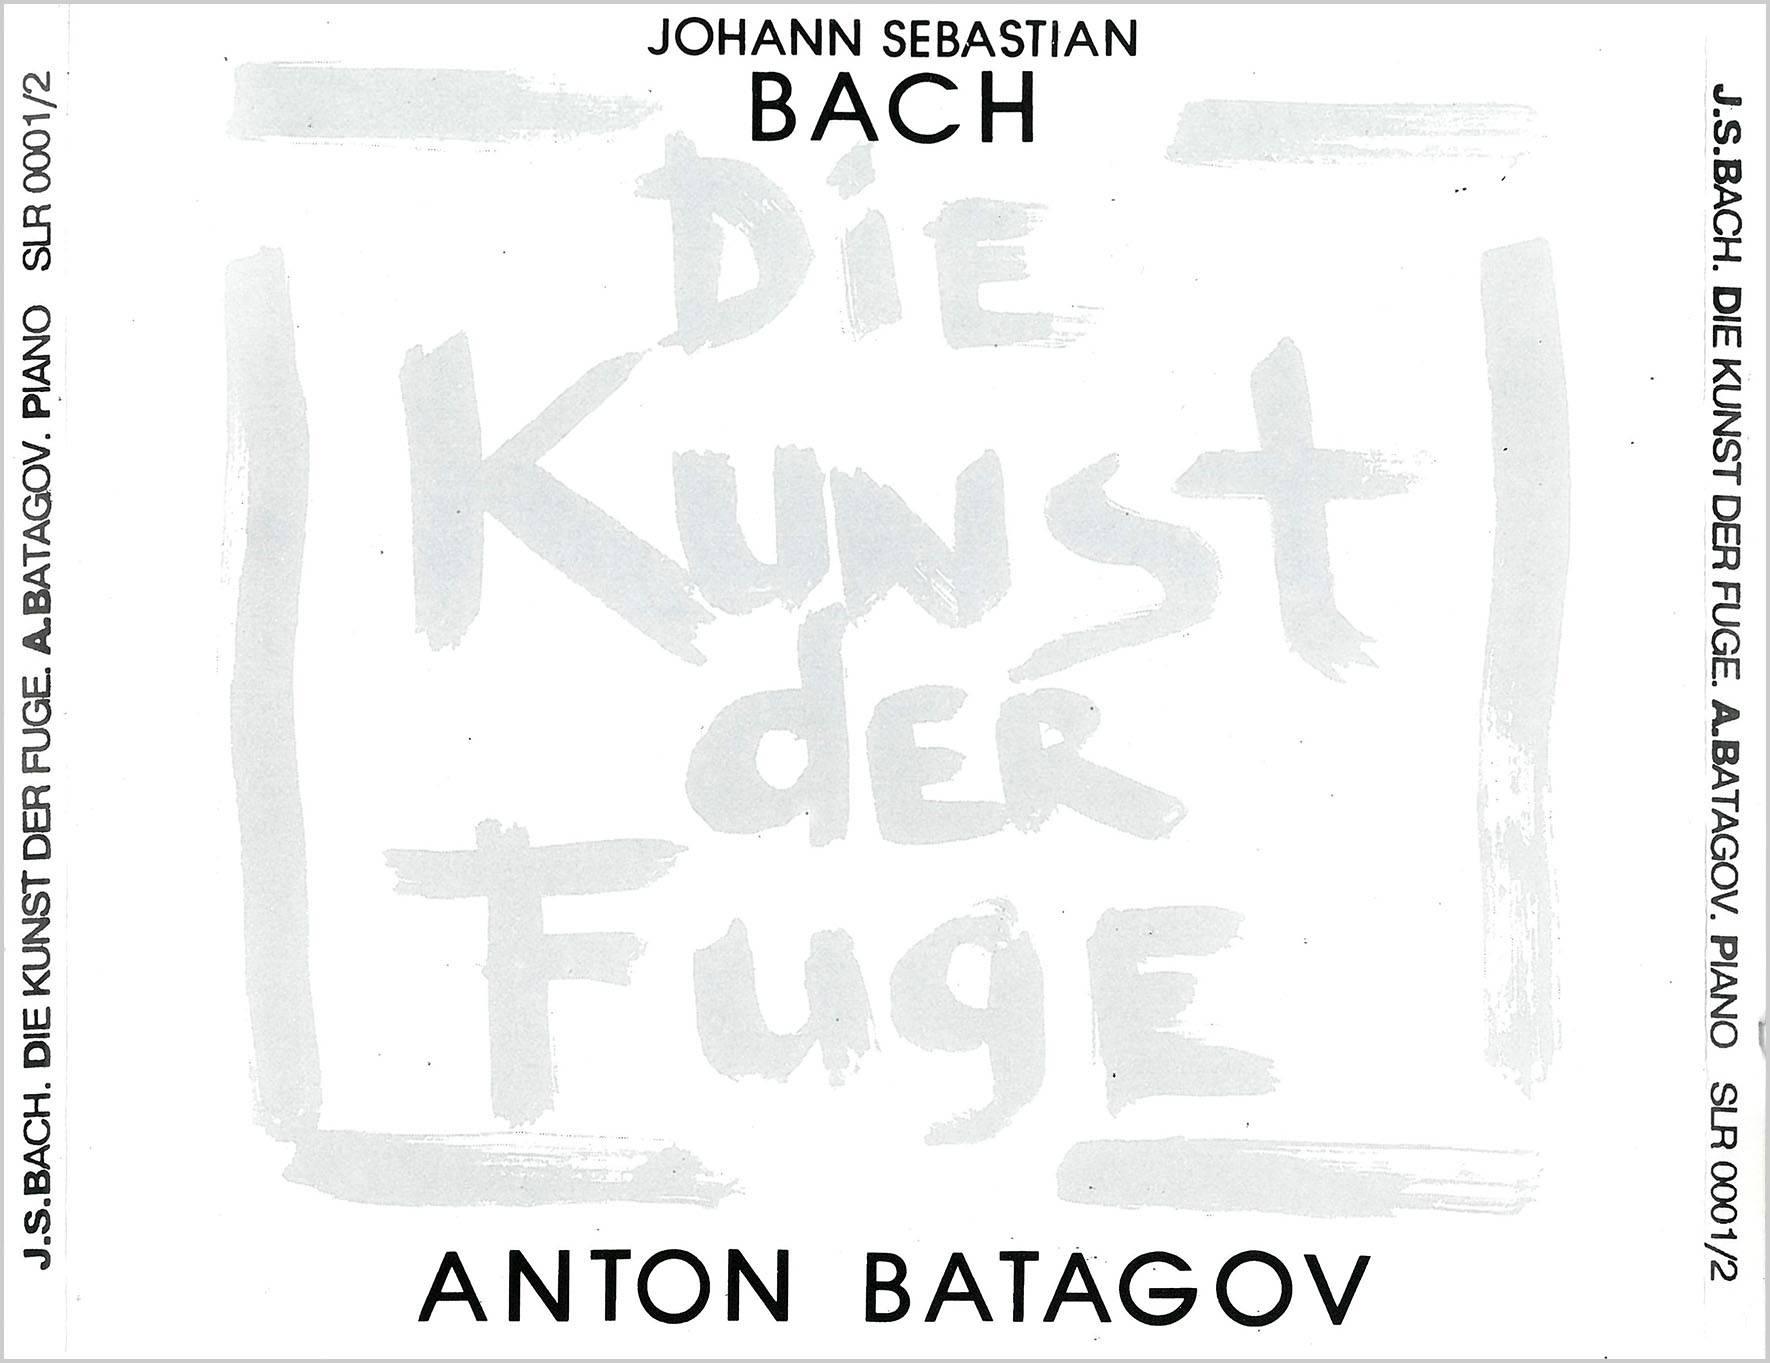 Anton Batagov - Johann Sebastian Bach: Die Kunst der Fuge (1993) 2CDs